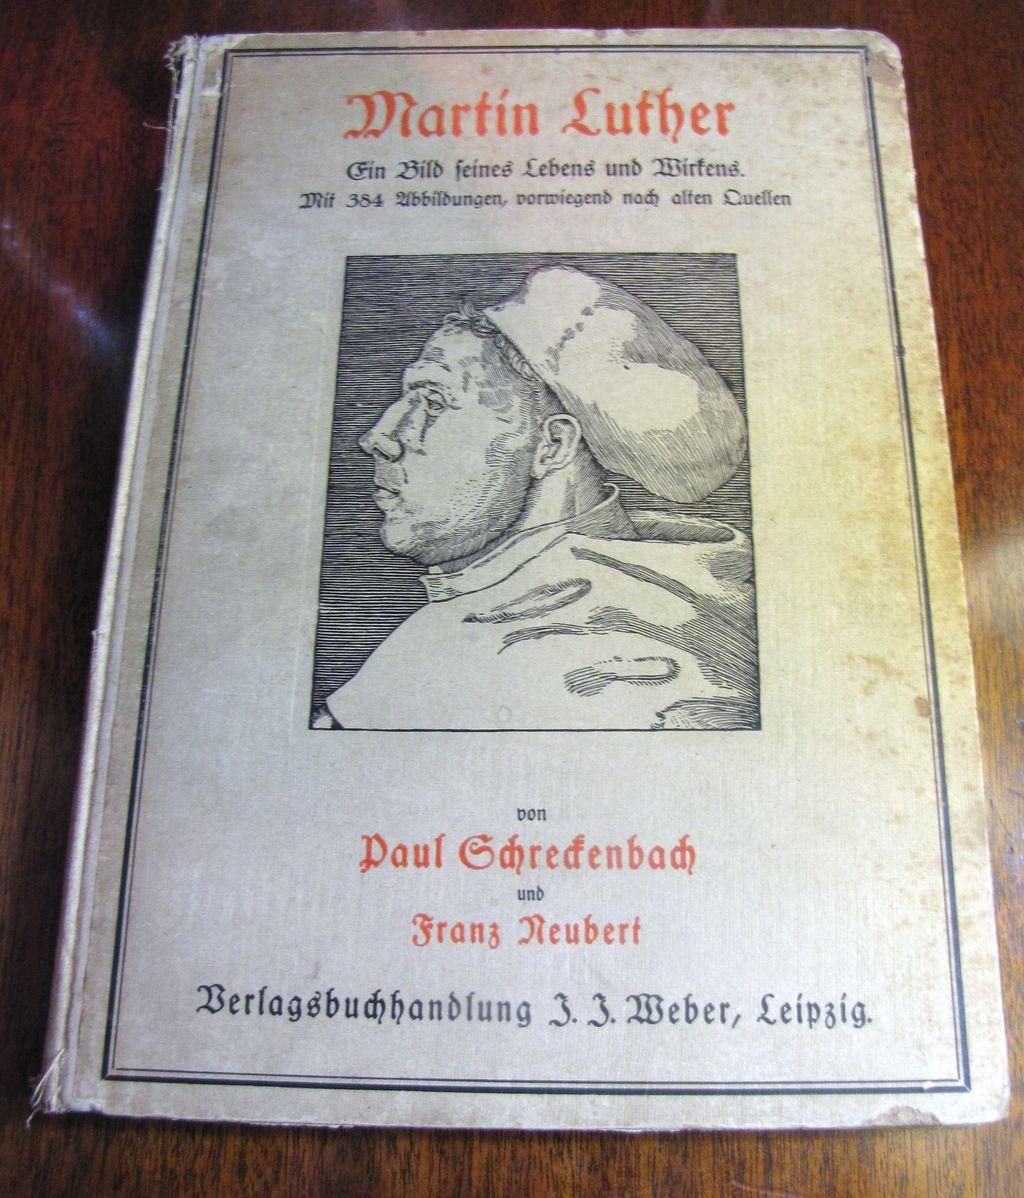 1921 Martin Luther by SCHRECKENBACH,P. & REUBERT,F. Martin Luther, ein Bild seines Lebens und Wirkens